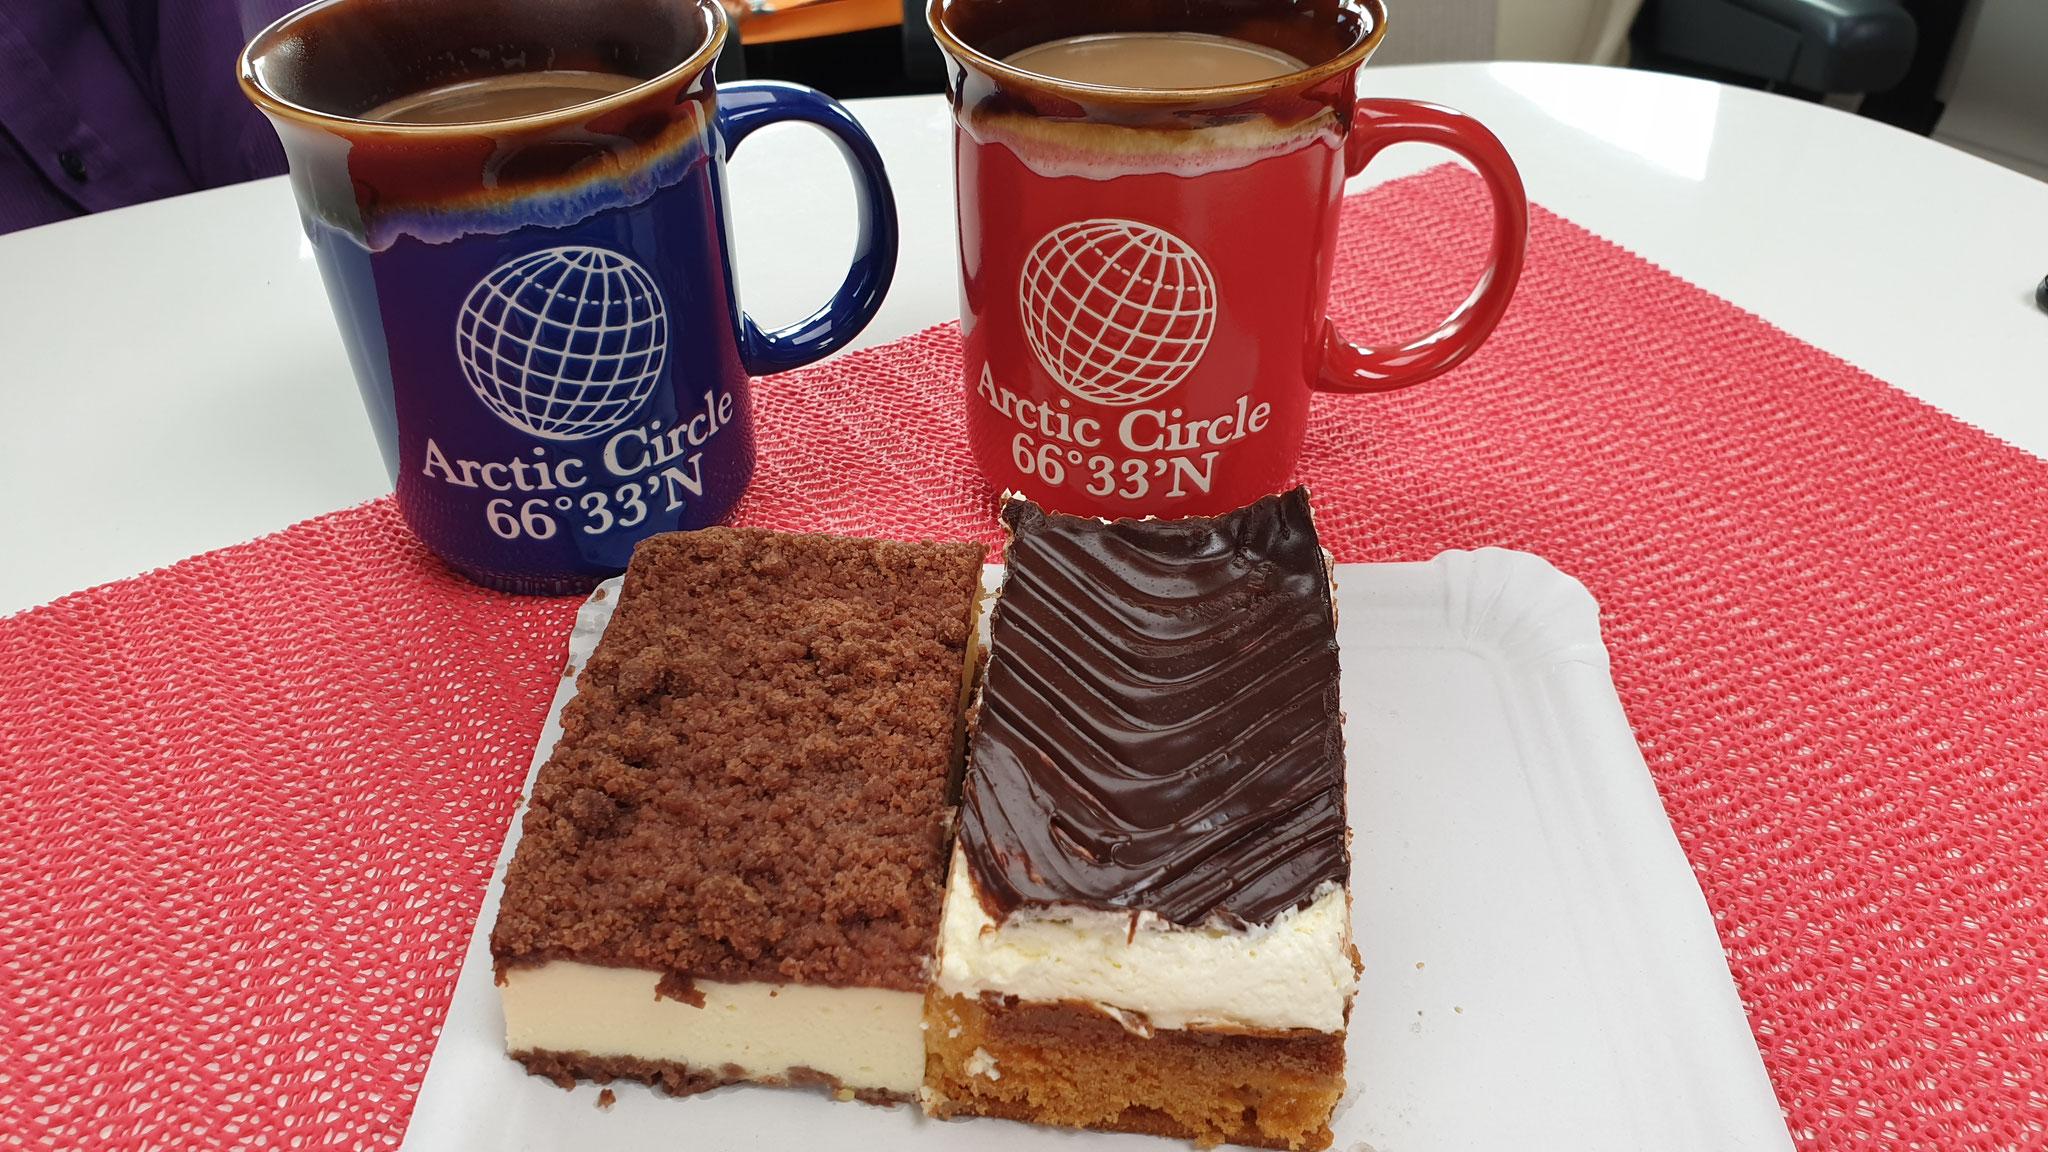 Kaffee und Kuchen mit Zupfkuchen und Donauwelle